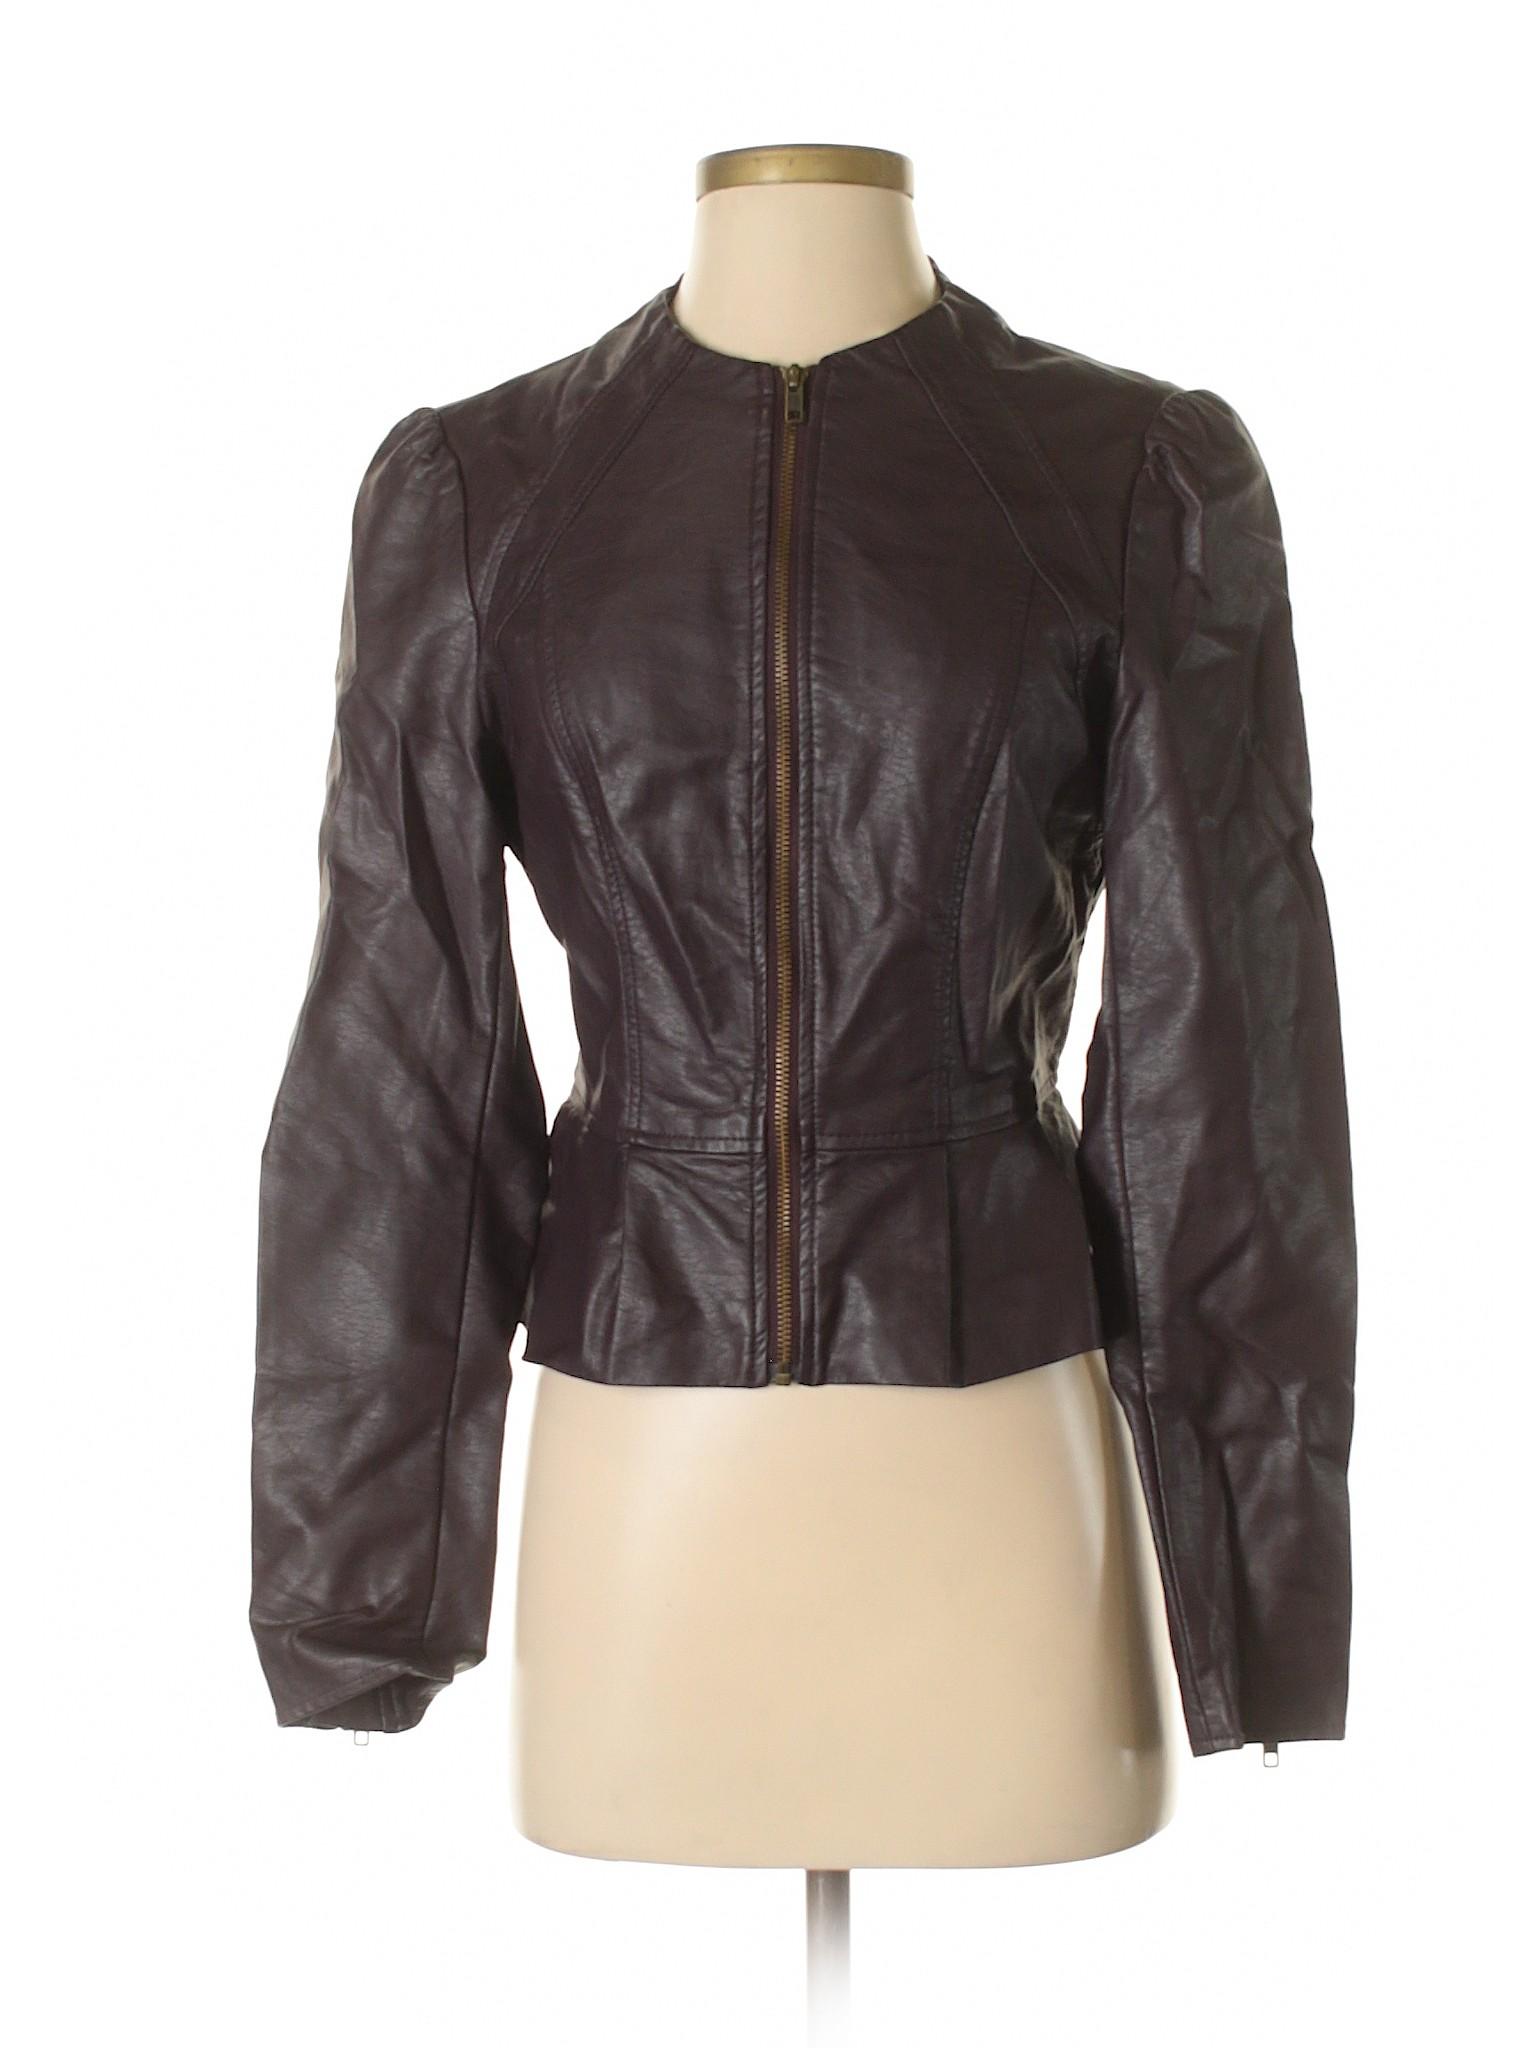 Jacket Elle leisure Boutique Leather Faux q7Uwxwn